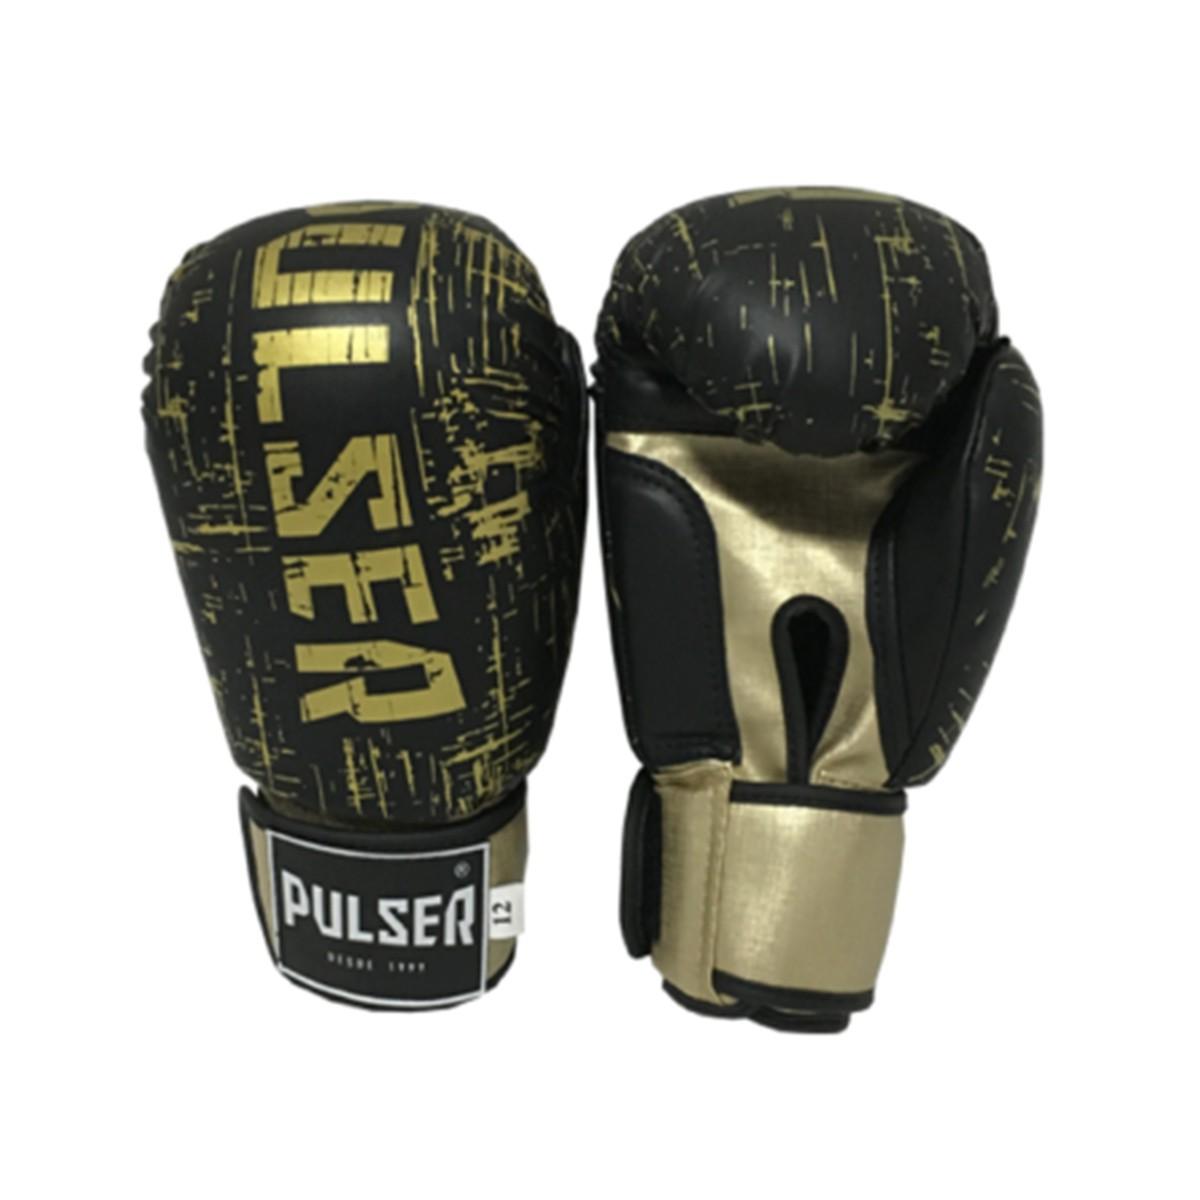 Kit de Boxe / Muay Thai 12oz - Preto e Dourado Riscado  - Pulser  - PRALUTA SHOP